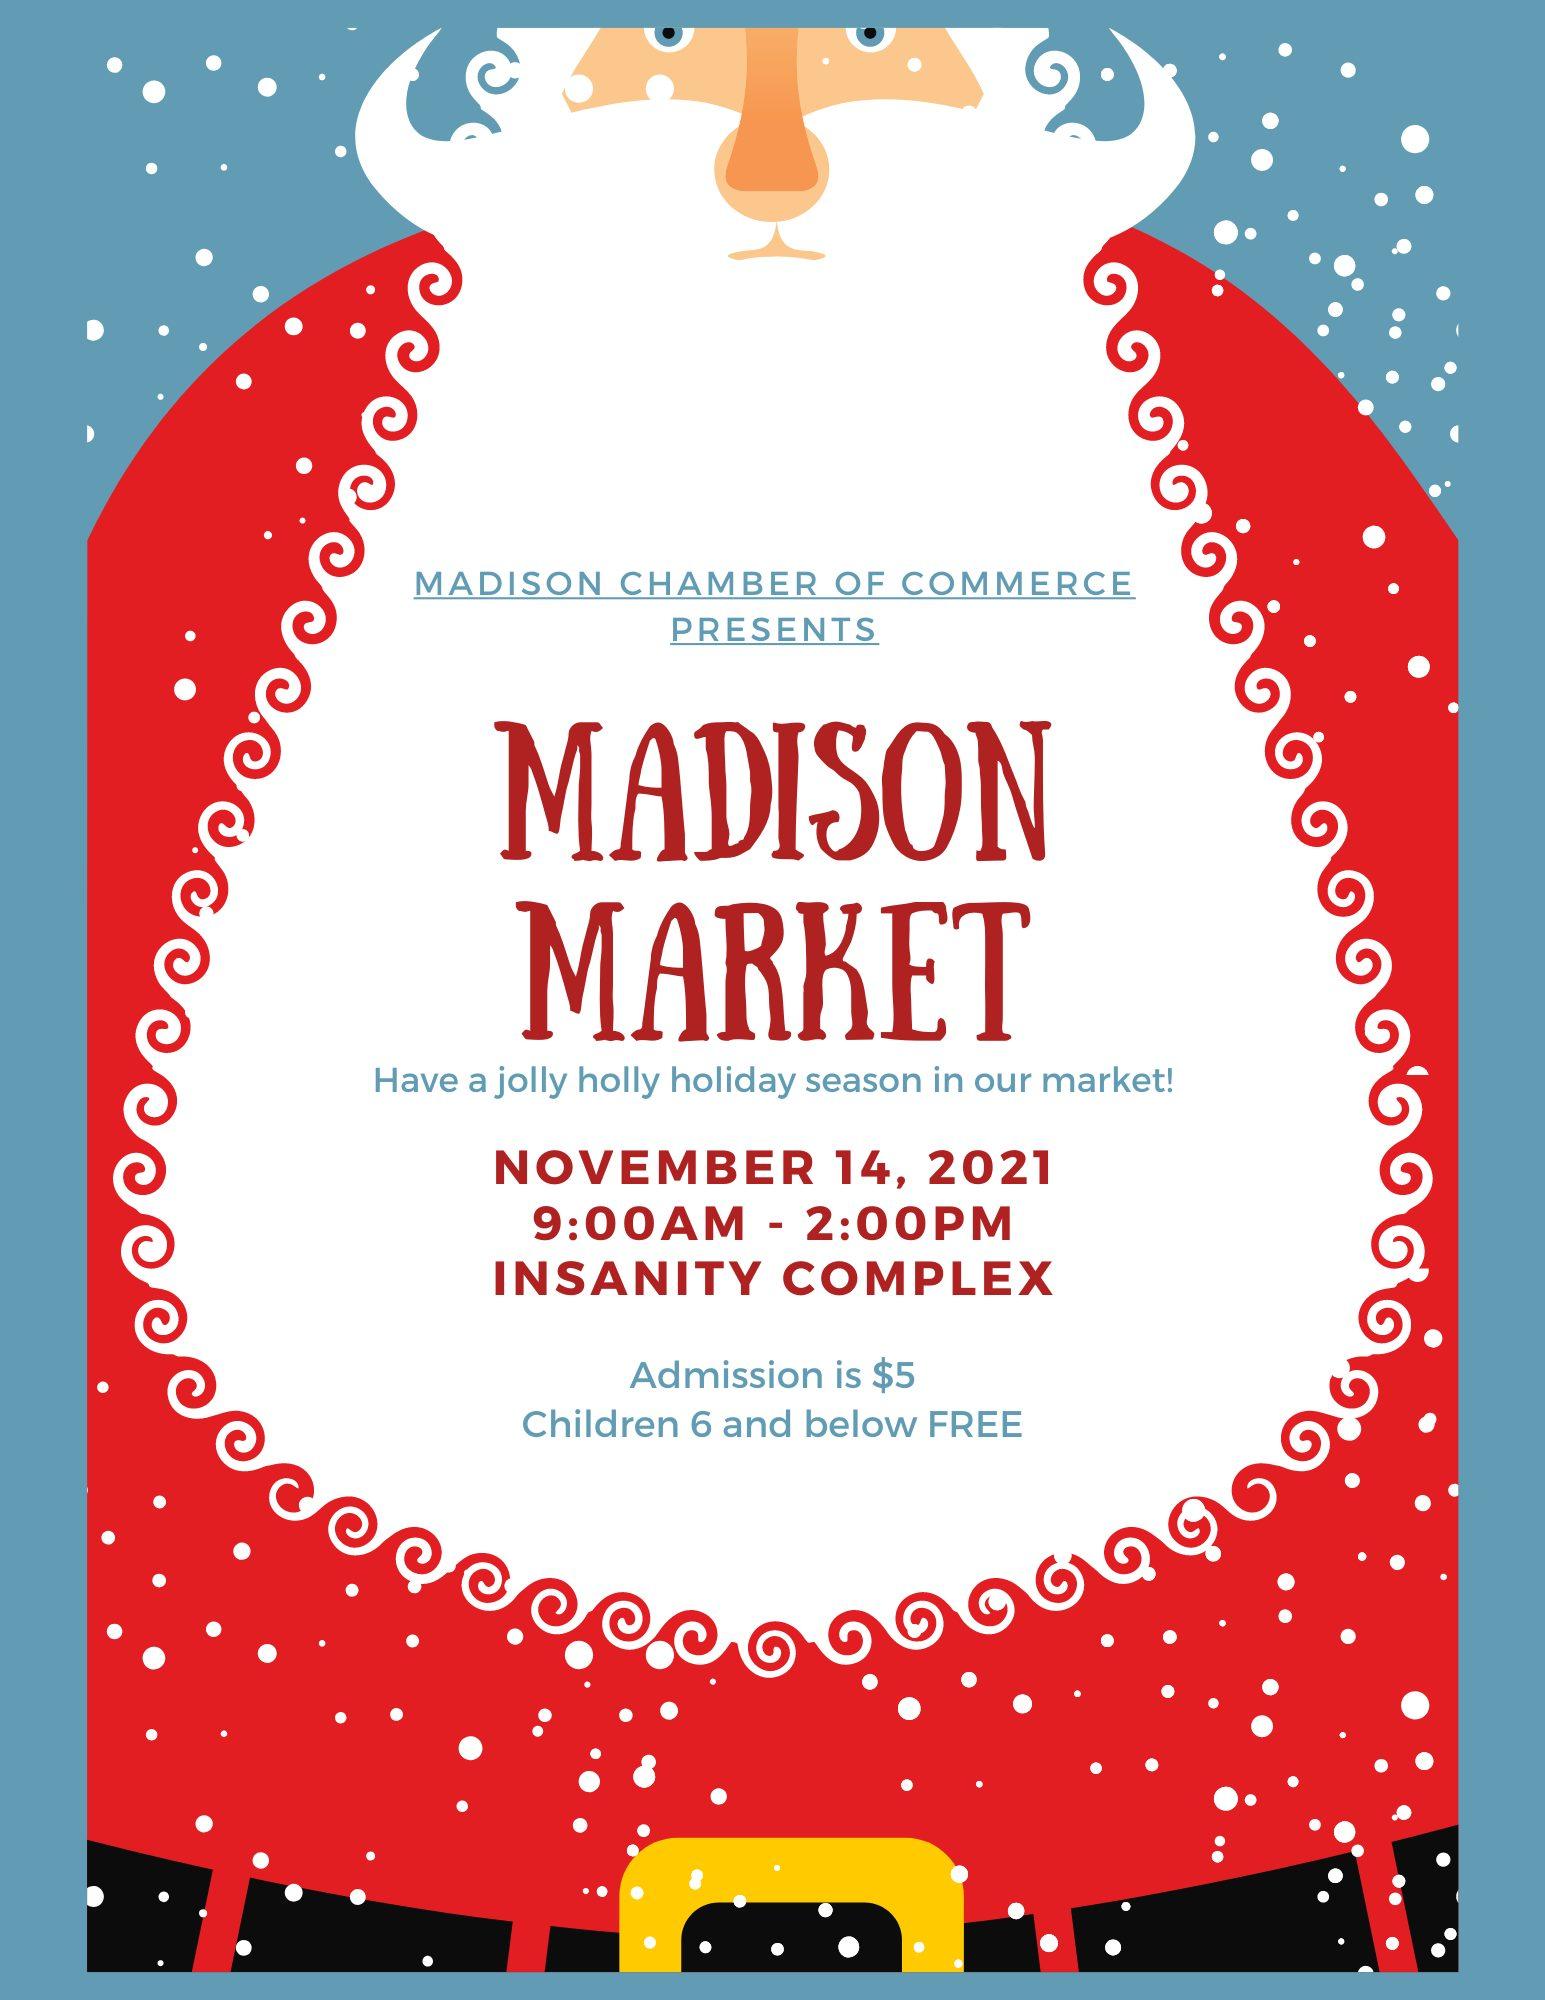 Madison Market